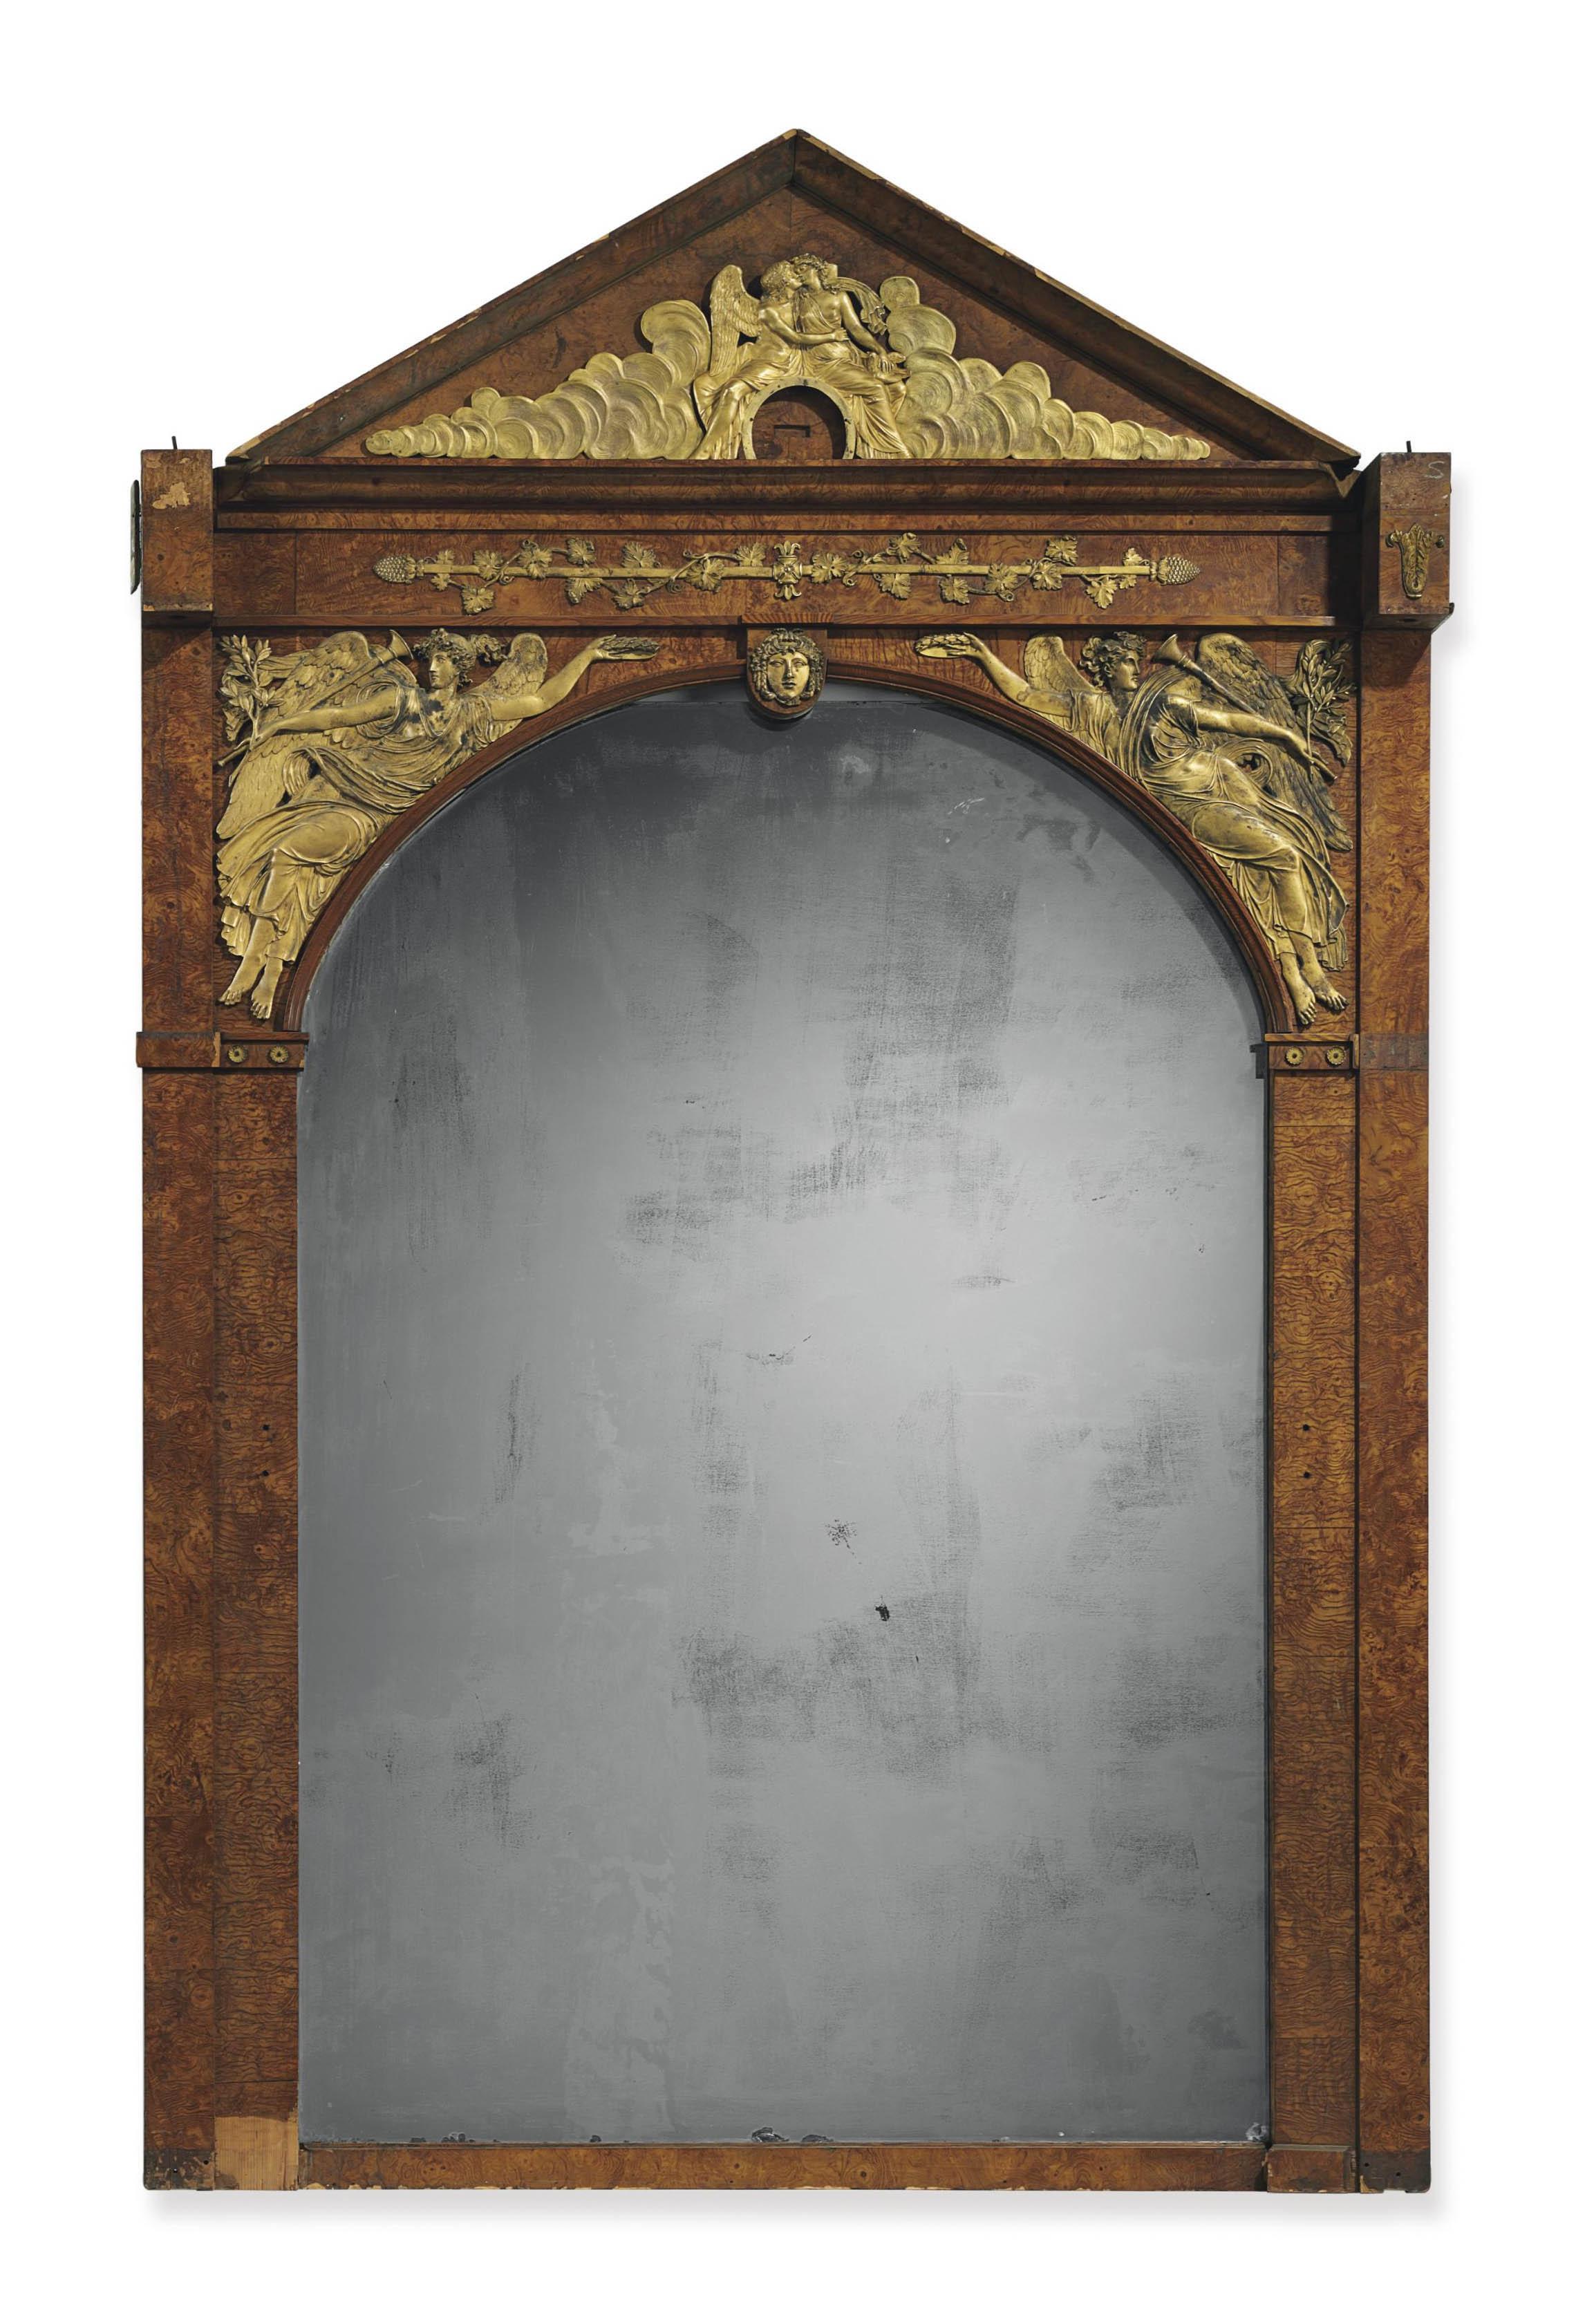 An Empire Ormolu Mounted Burr Ash Pier Mirror